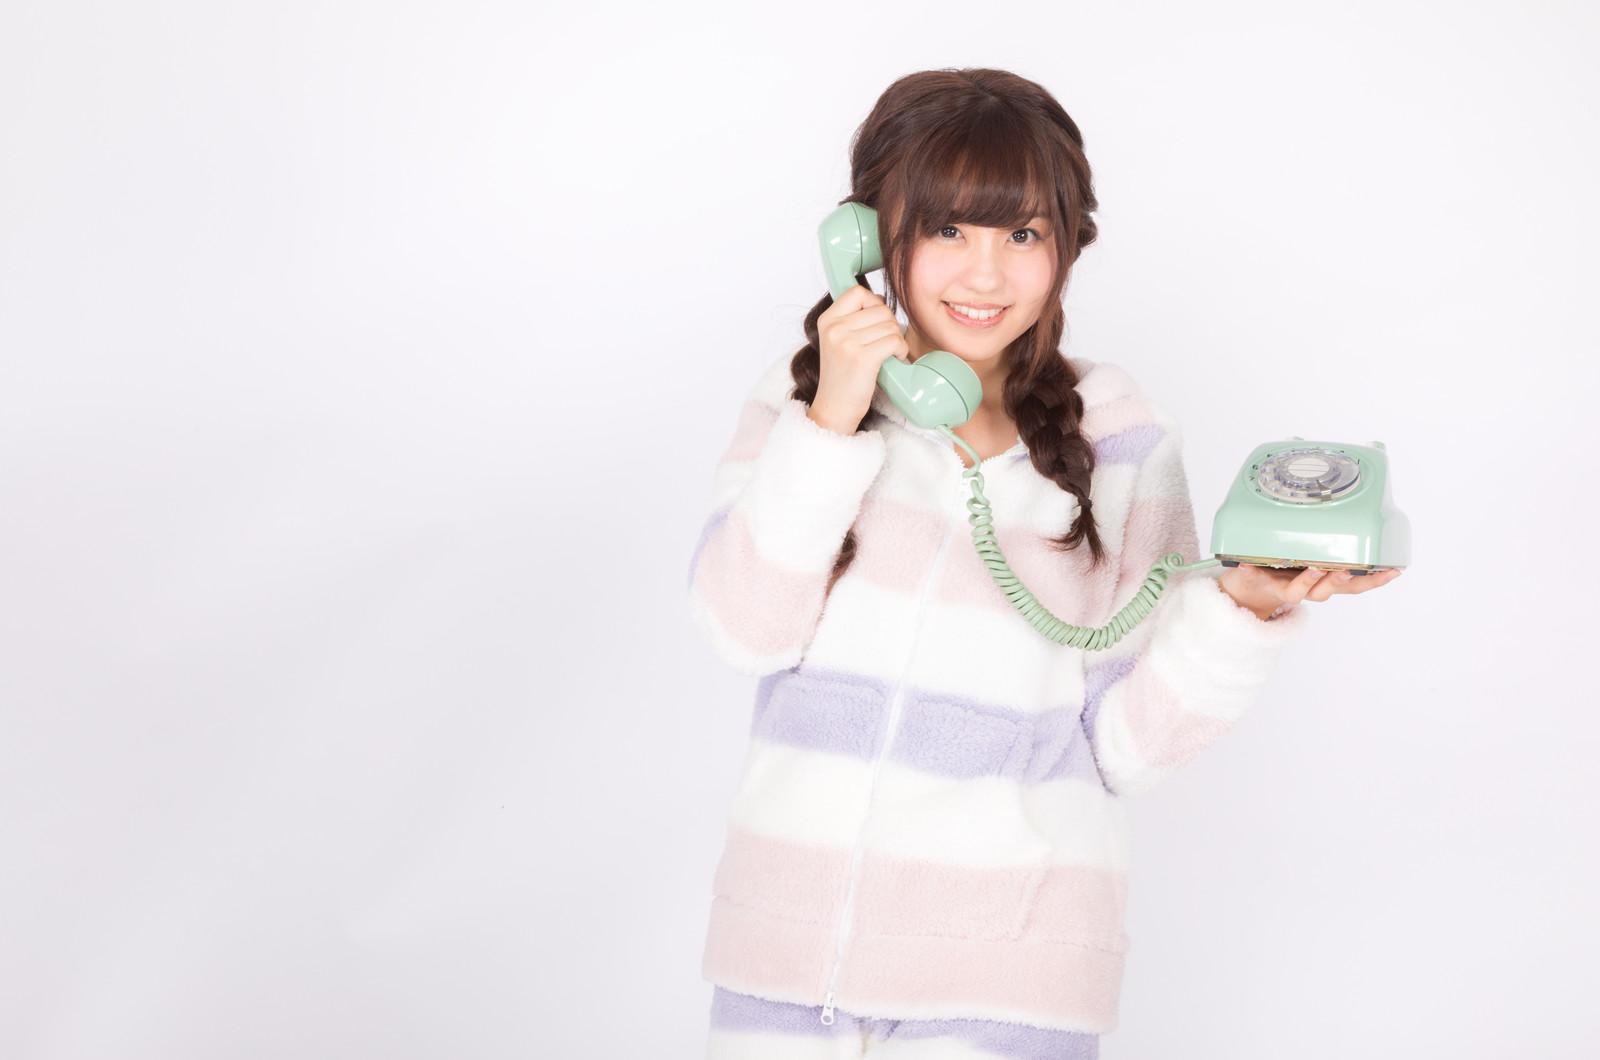 auまとめトークについて!自宅ーauおうち電話、au携帯が通話無料!?